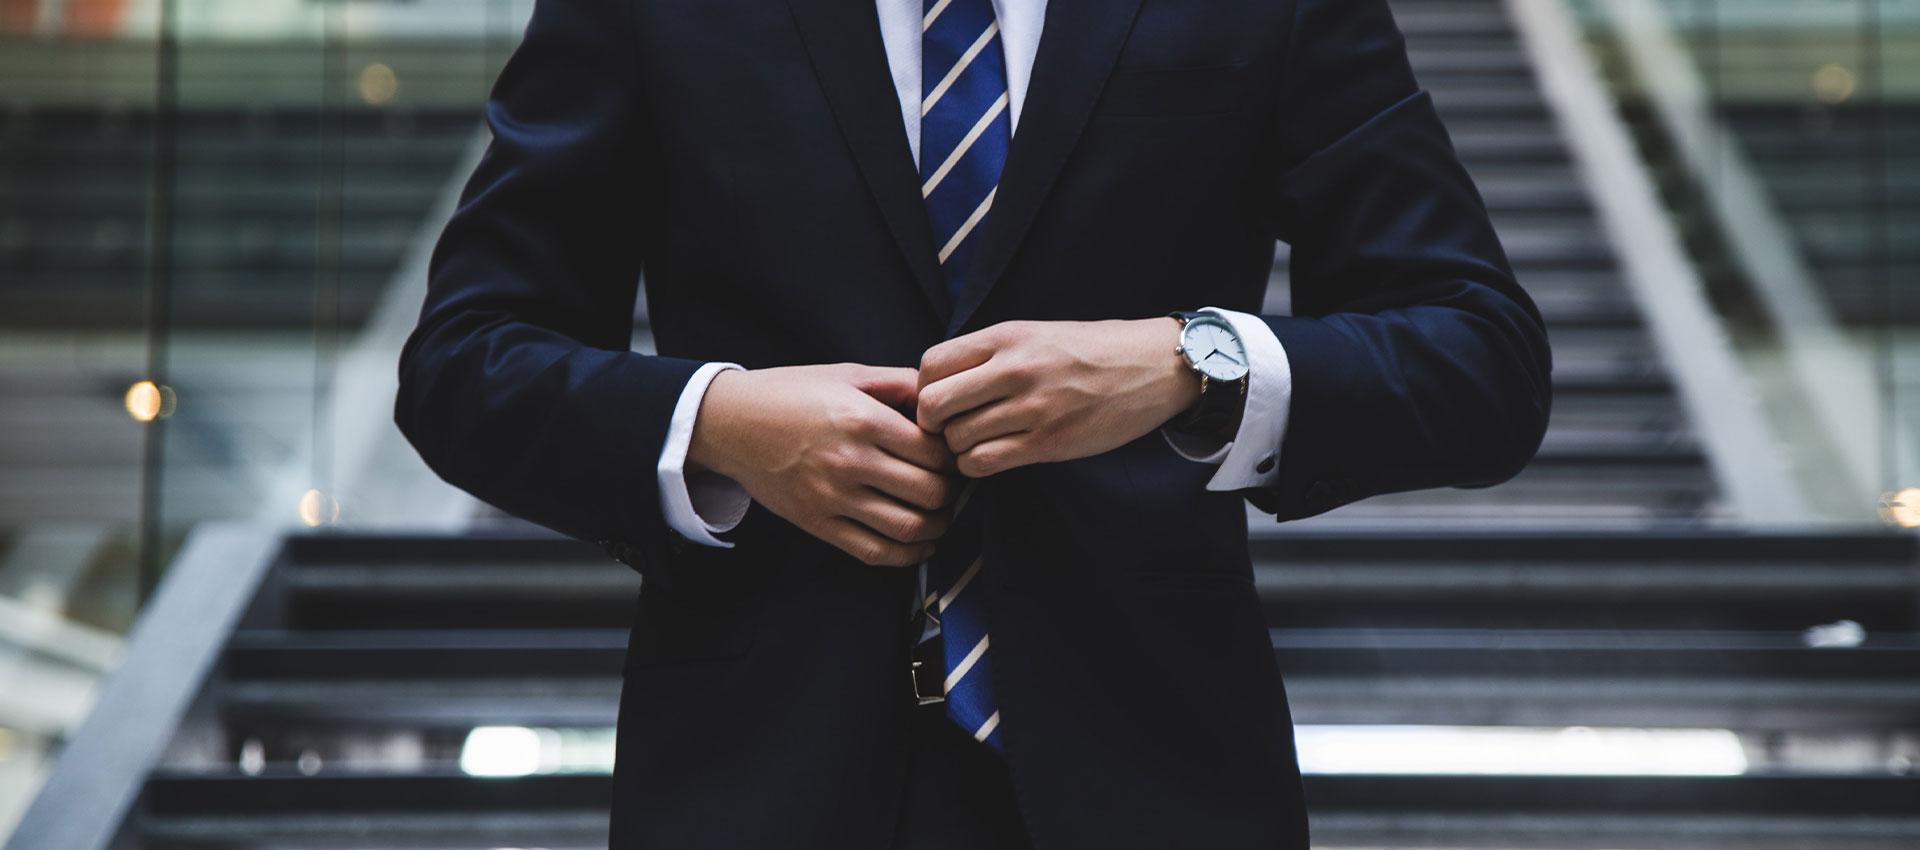 gestione-crediti-importanza-recupero-crediti-credit-manager-credit-group-italia